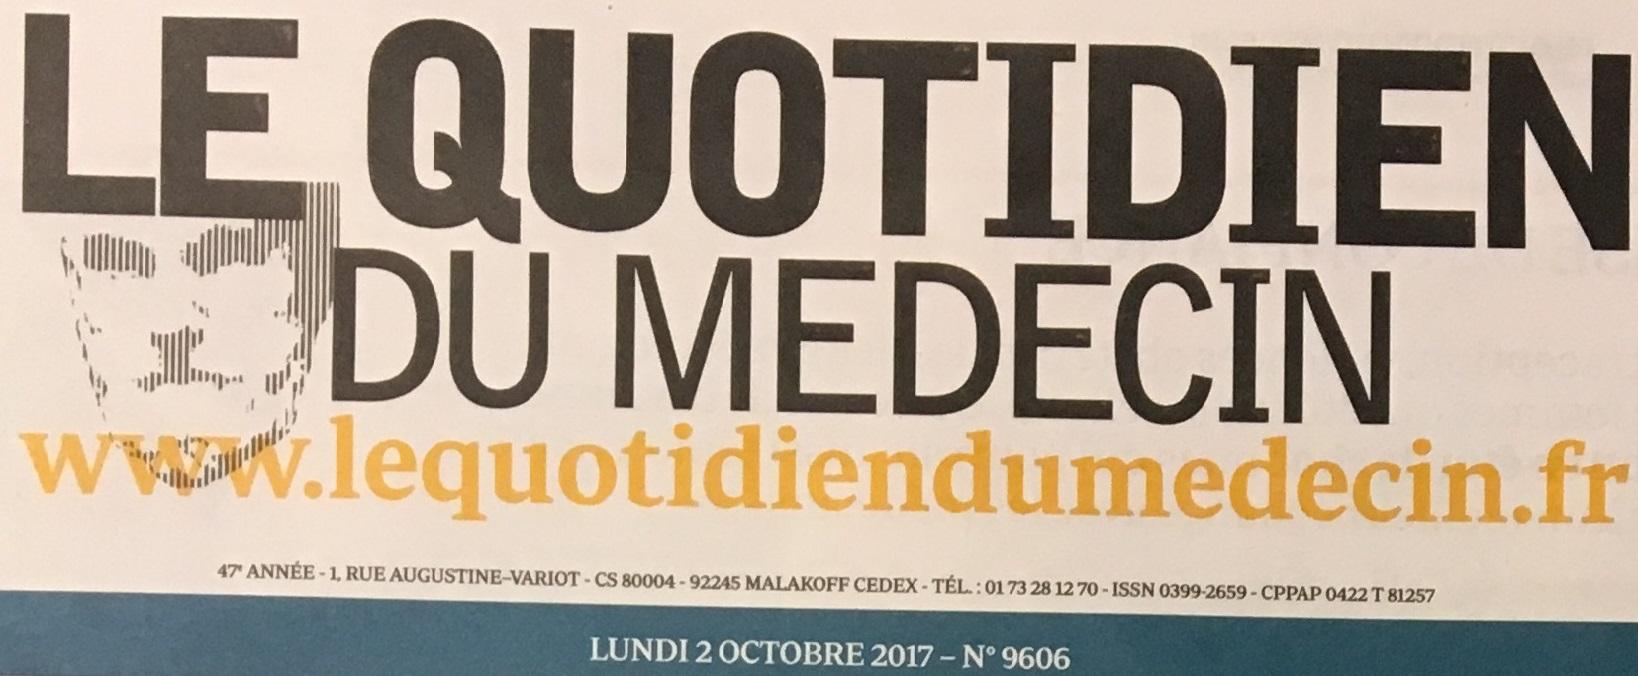 Réinsertion professionnelle, un enjeu crucial - Le Quotidien du médecin 2/10/2017